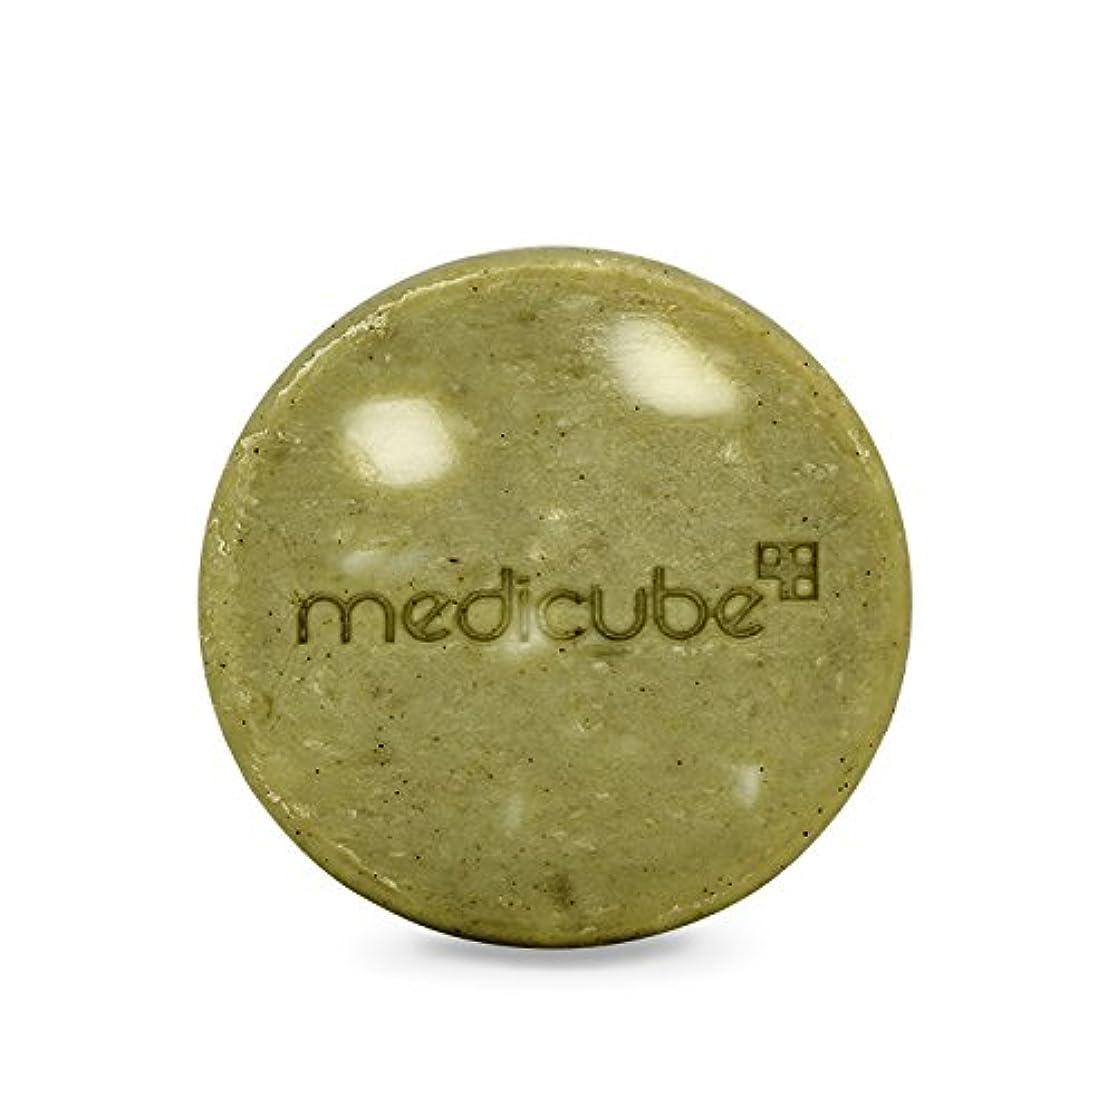 周り注釈軽く[Medicube]Red Body Bar / メディキューブレッドボディバー / 正品?海外直送商品 [並行輸入品]